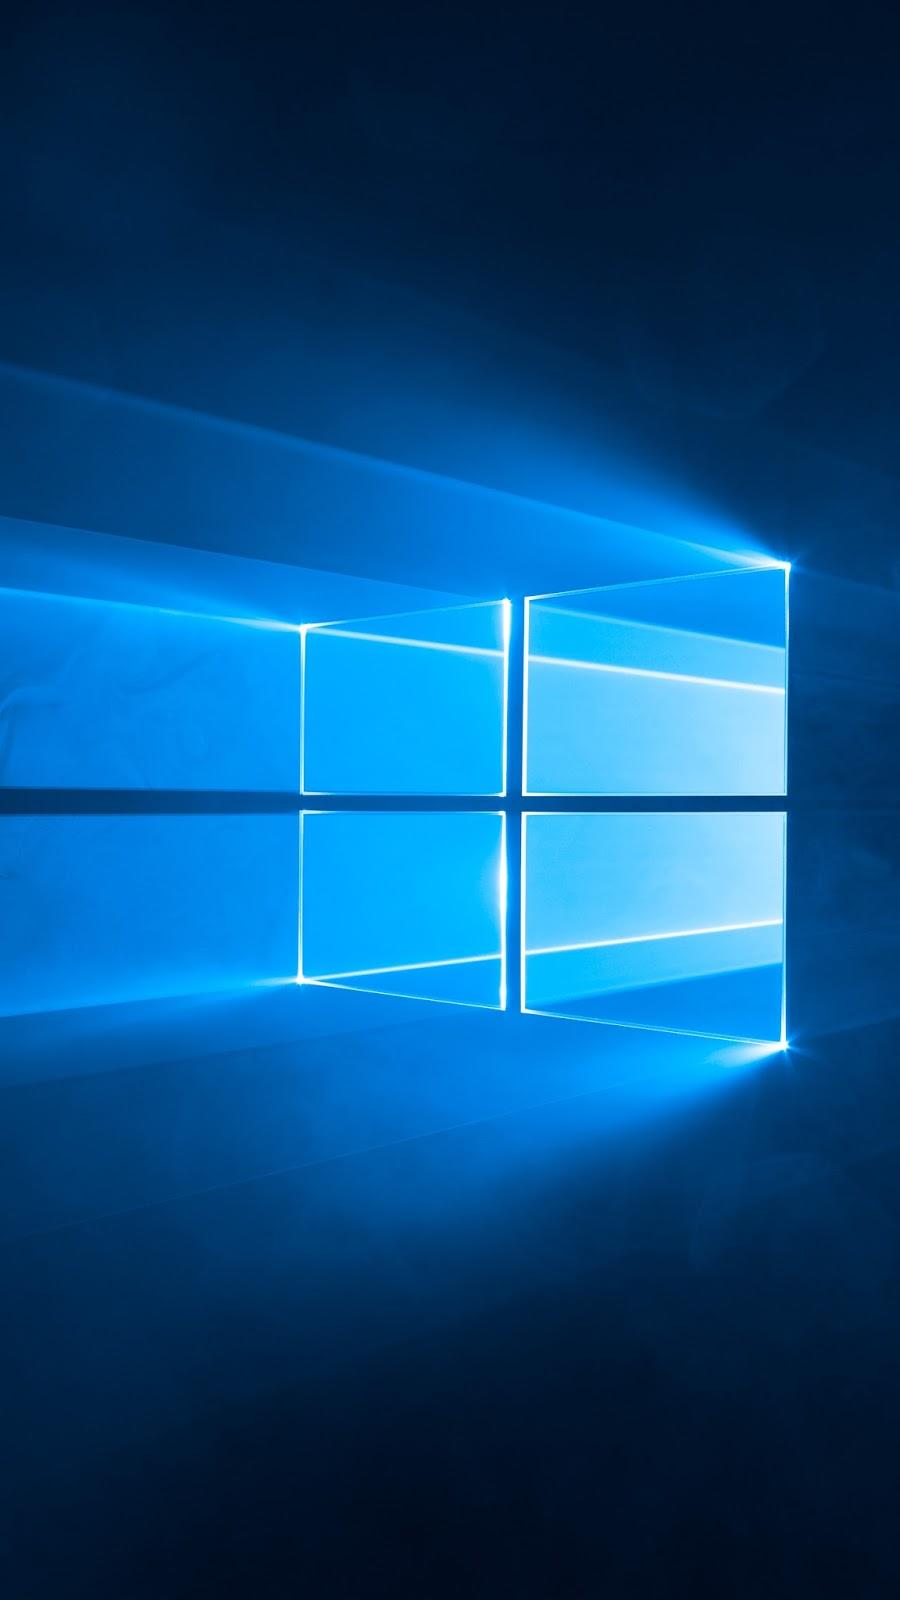 Fond D'ecran Windows 10 : d'ecran, windows, Windows, D'écran, Téléphone, Mobile, 728x1294, WallpaperTip